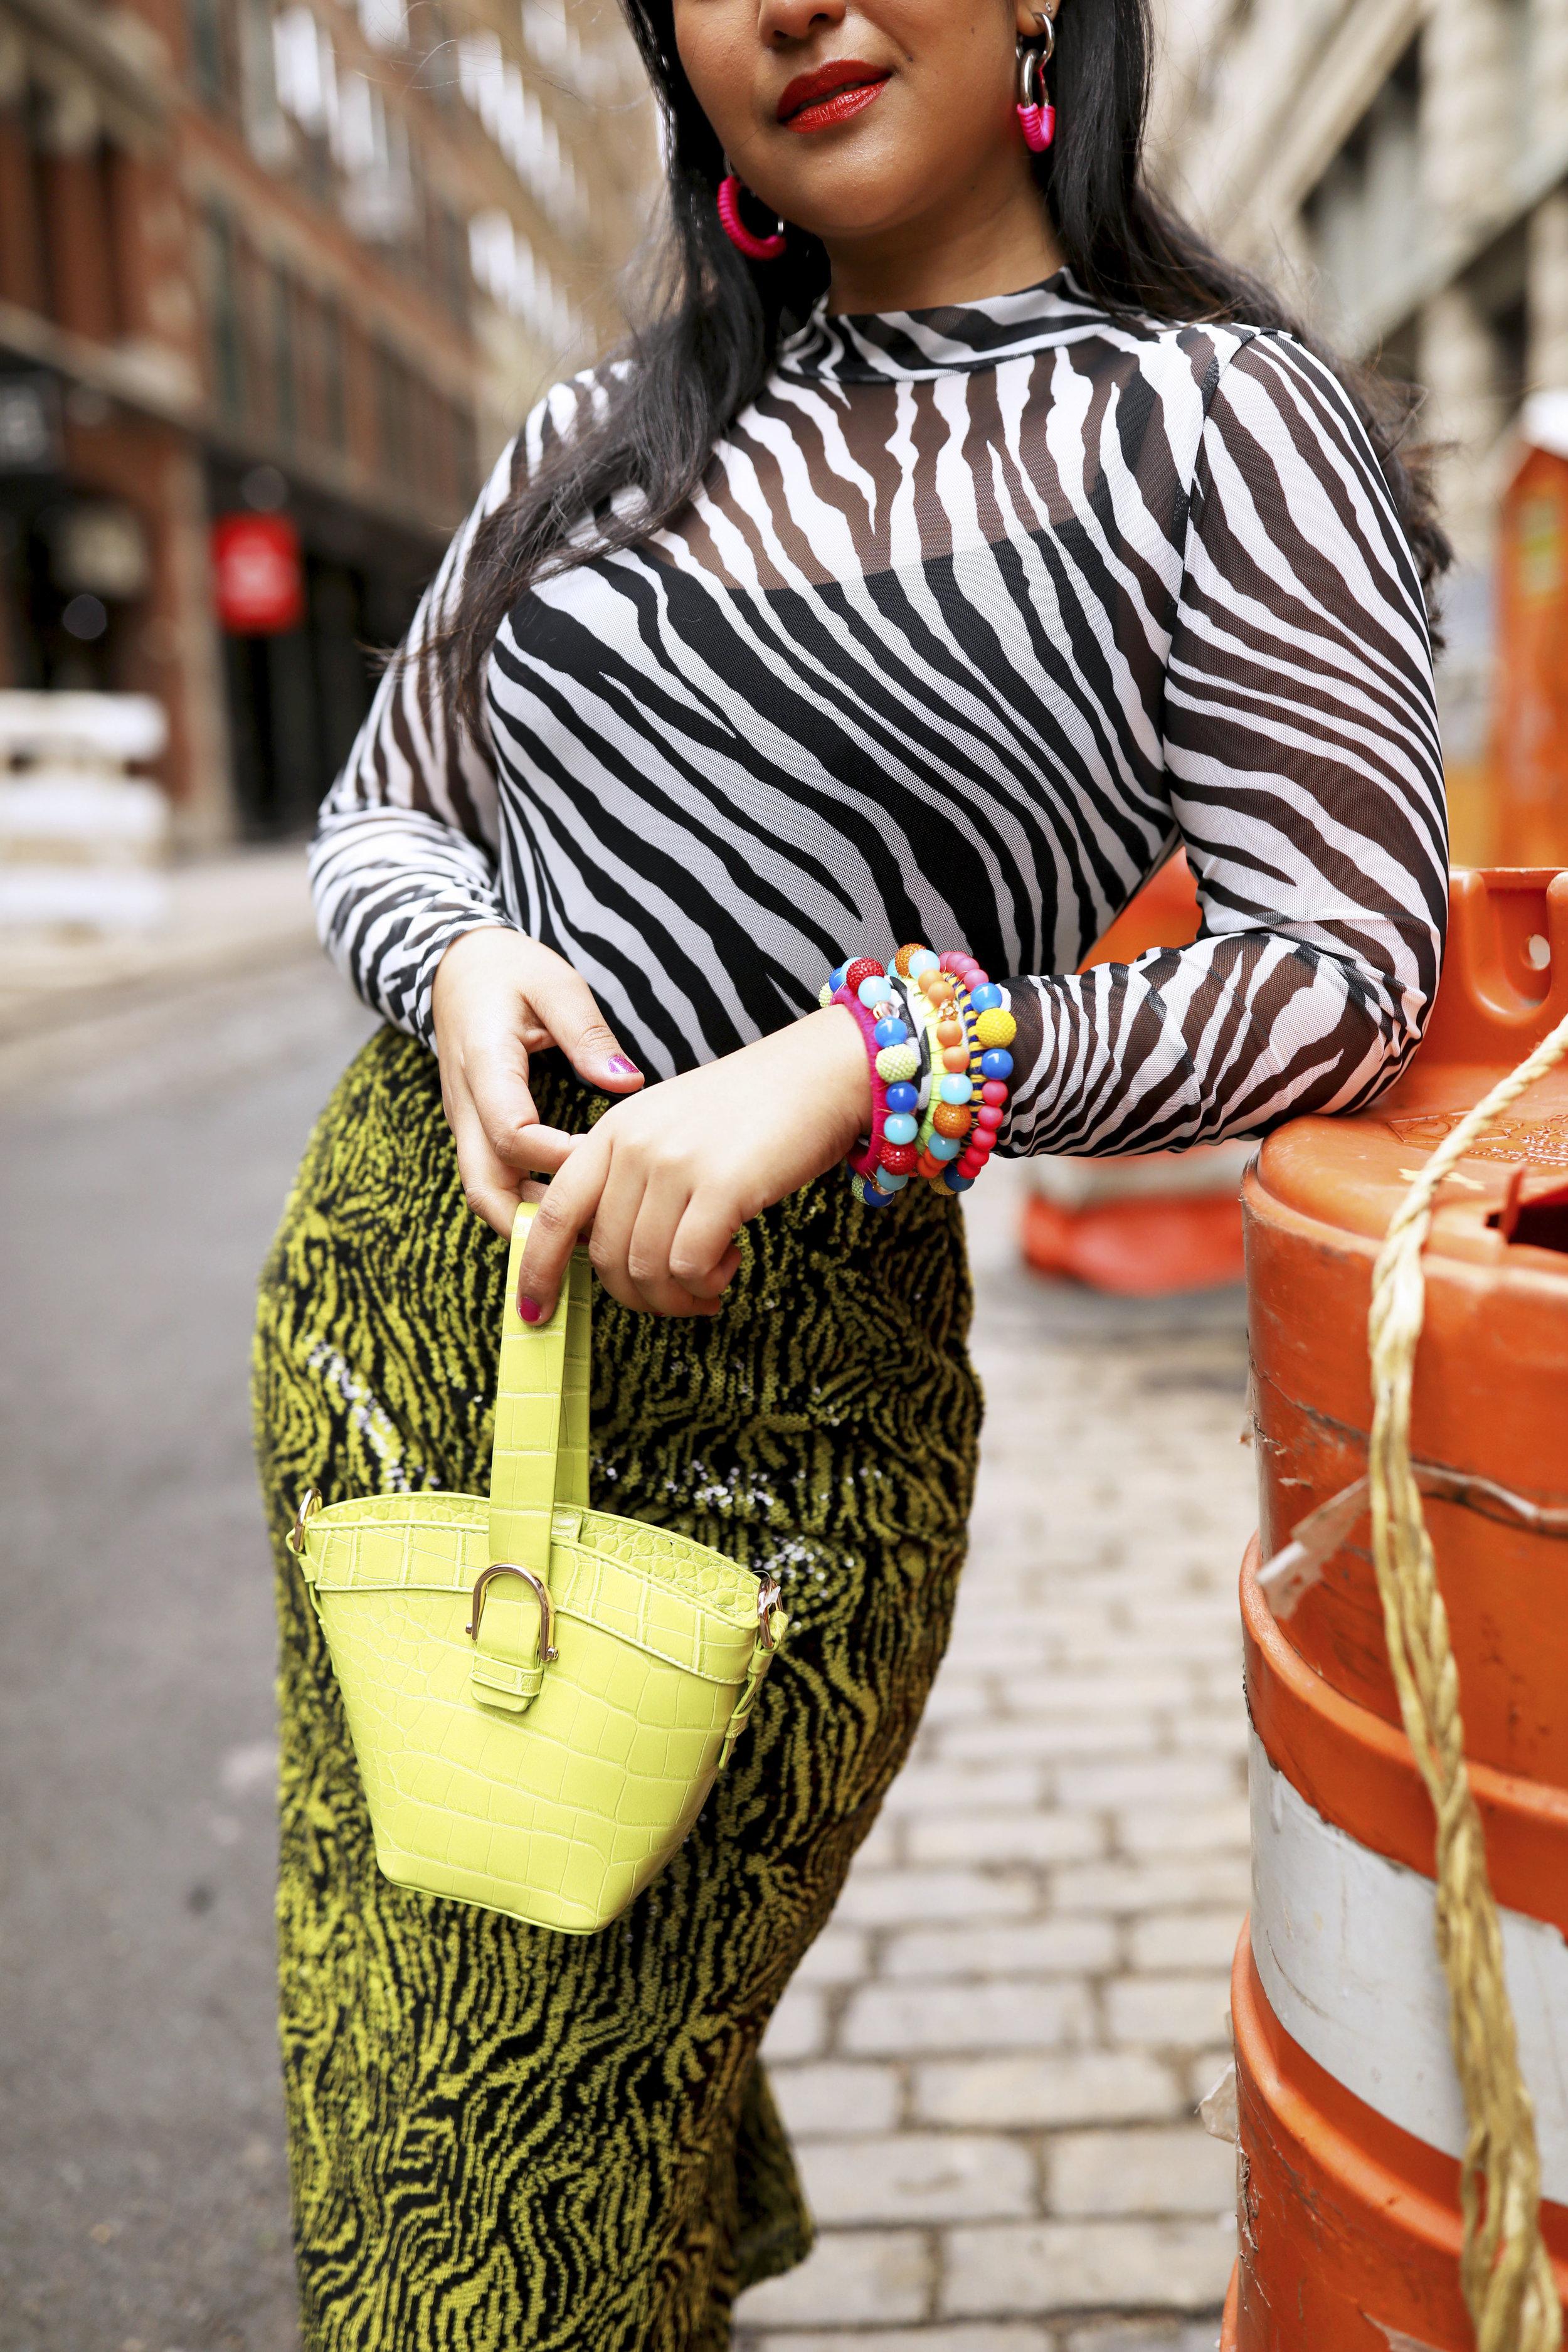 Zebra Print Spring Trend Neon Colors_9.jpg